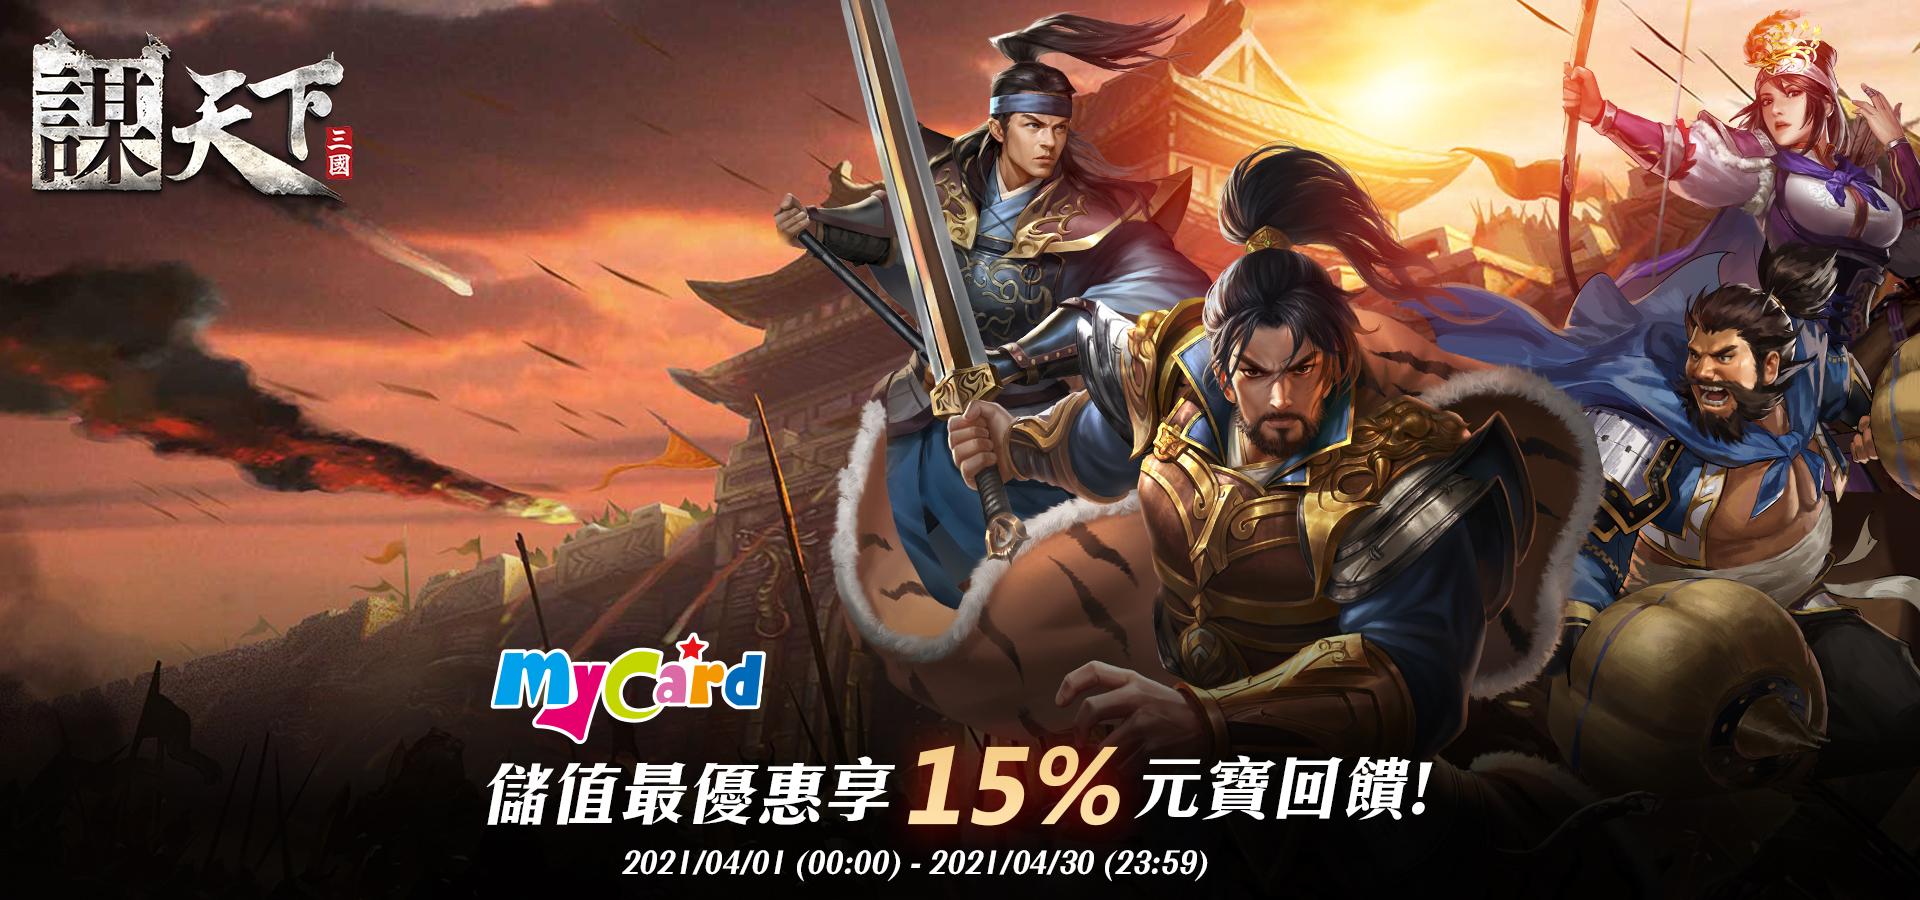 《謀天下》MyCard儲值享15%元寶回饋